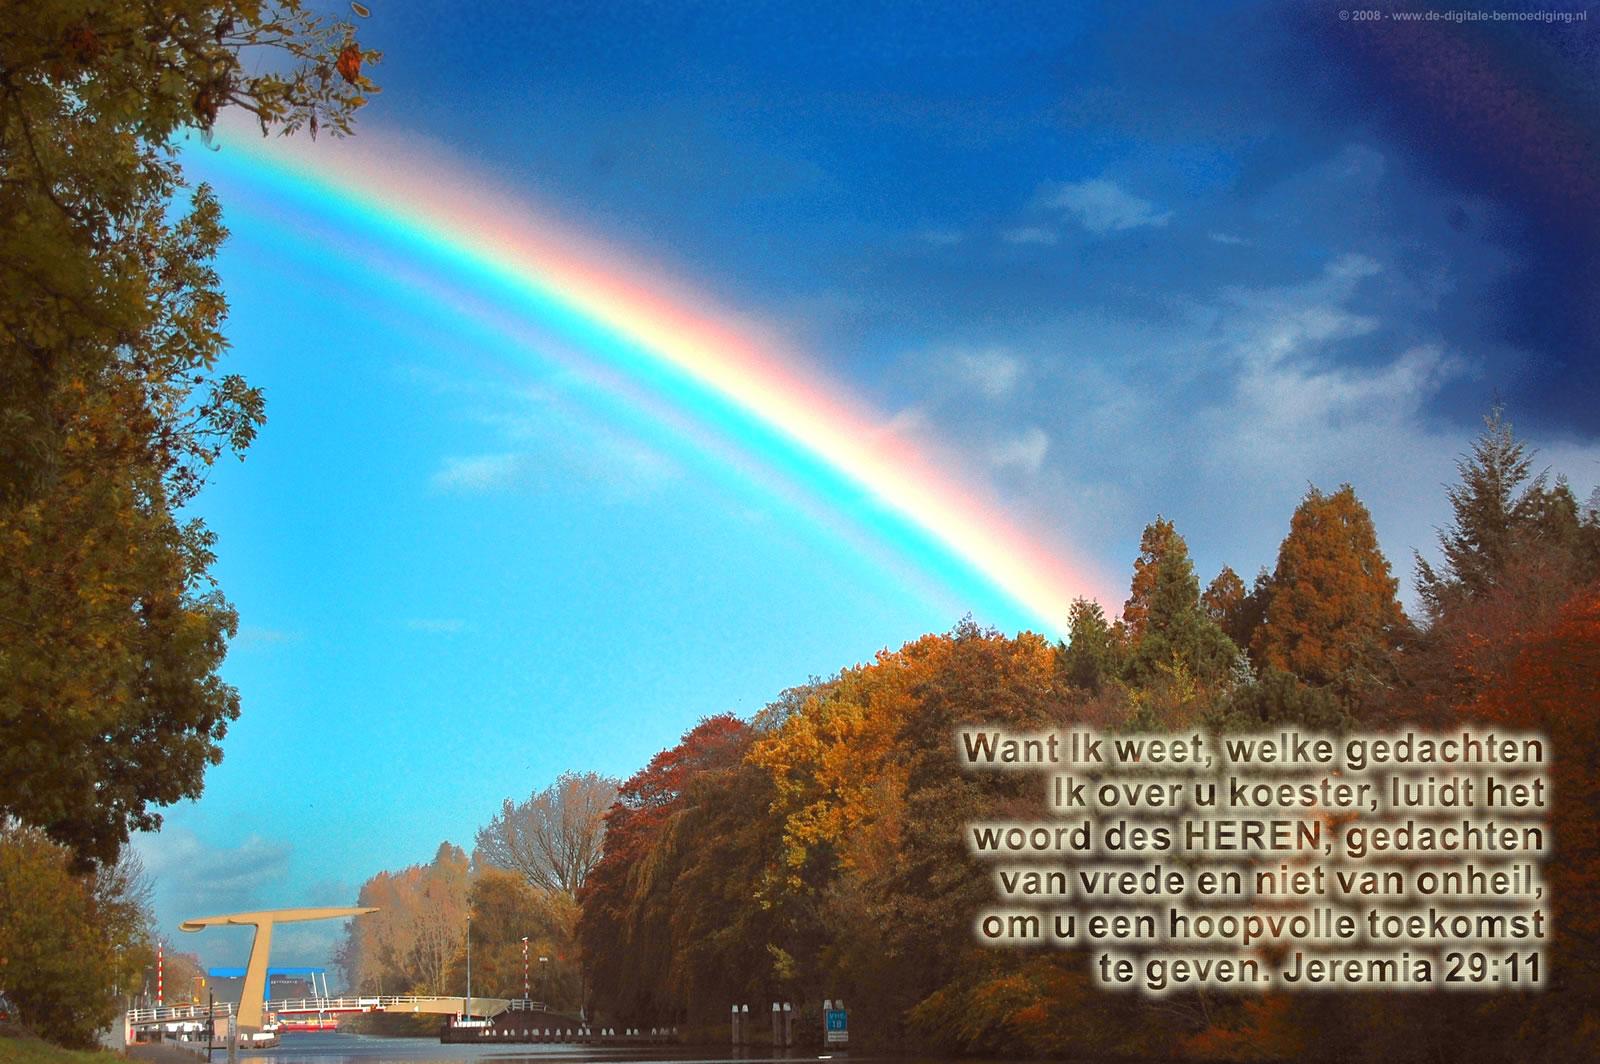 Boventallige regenboog